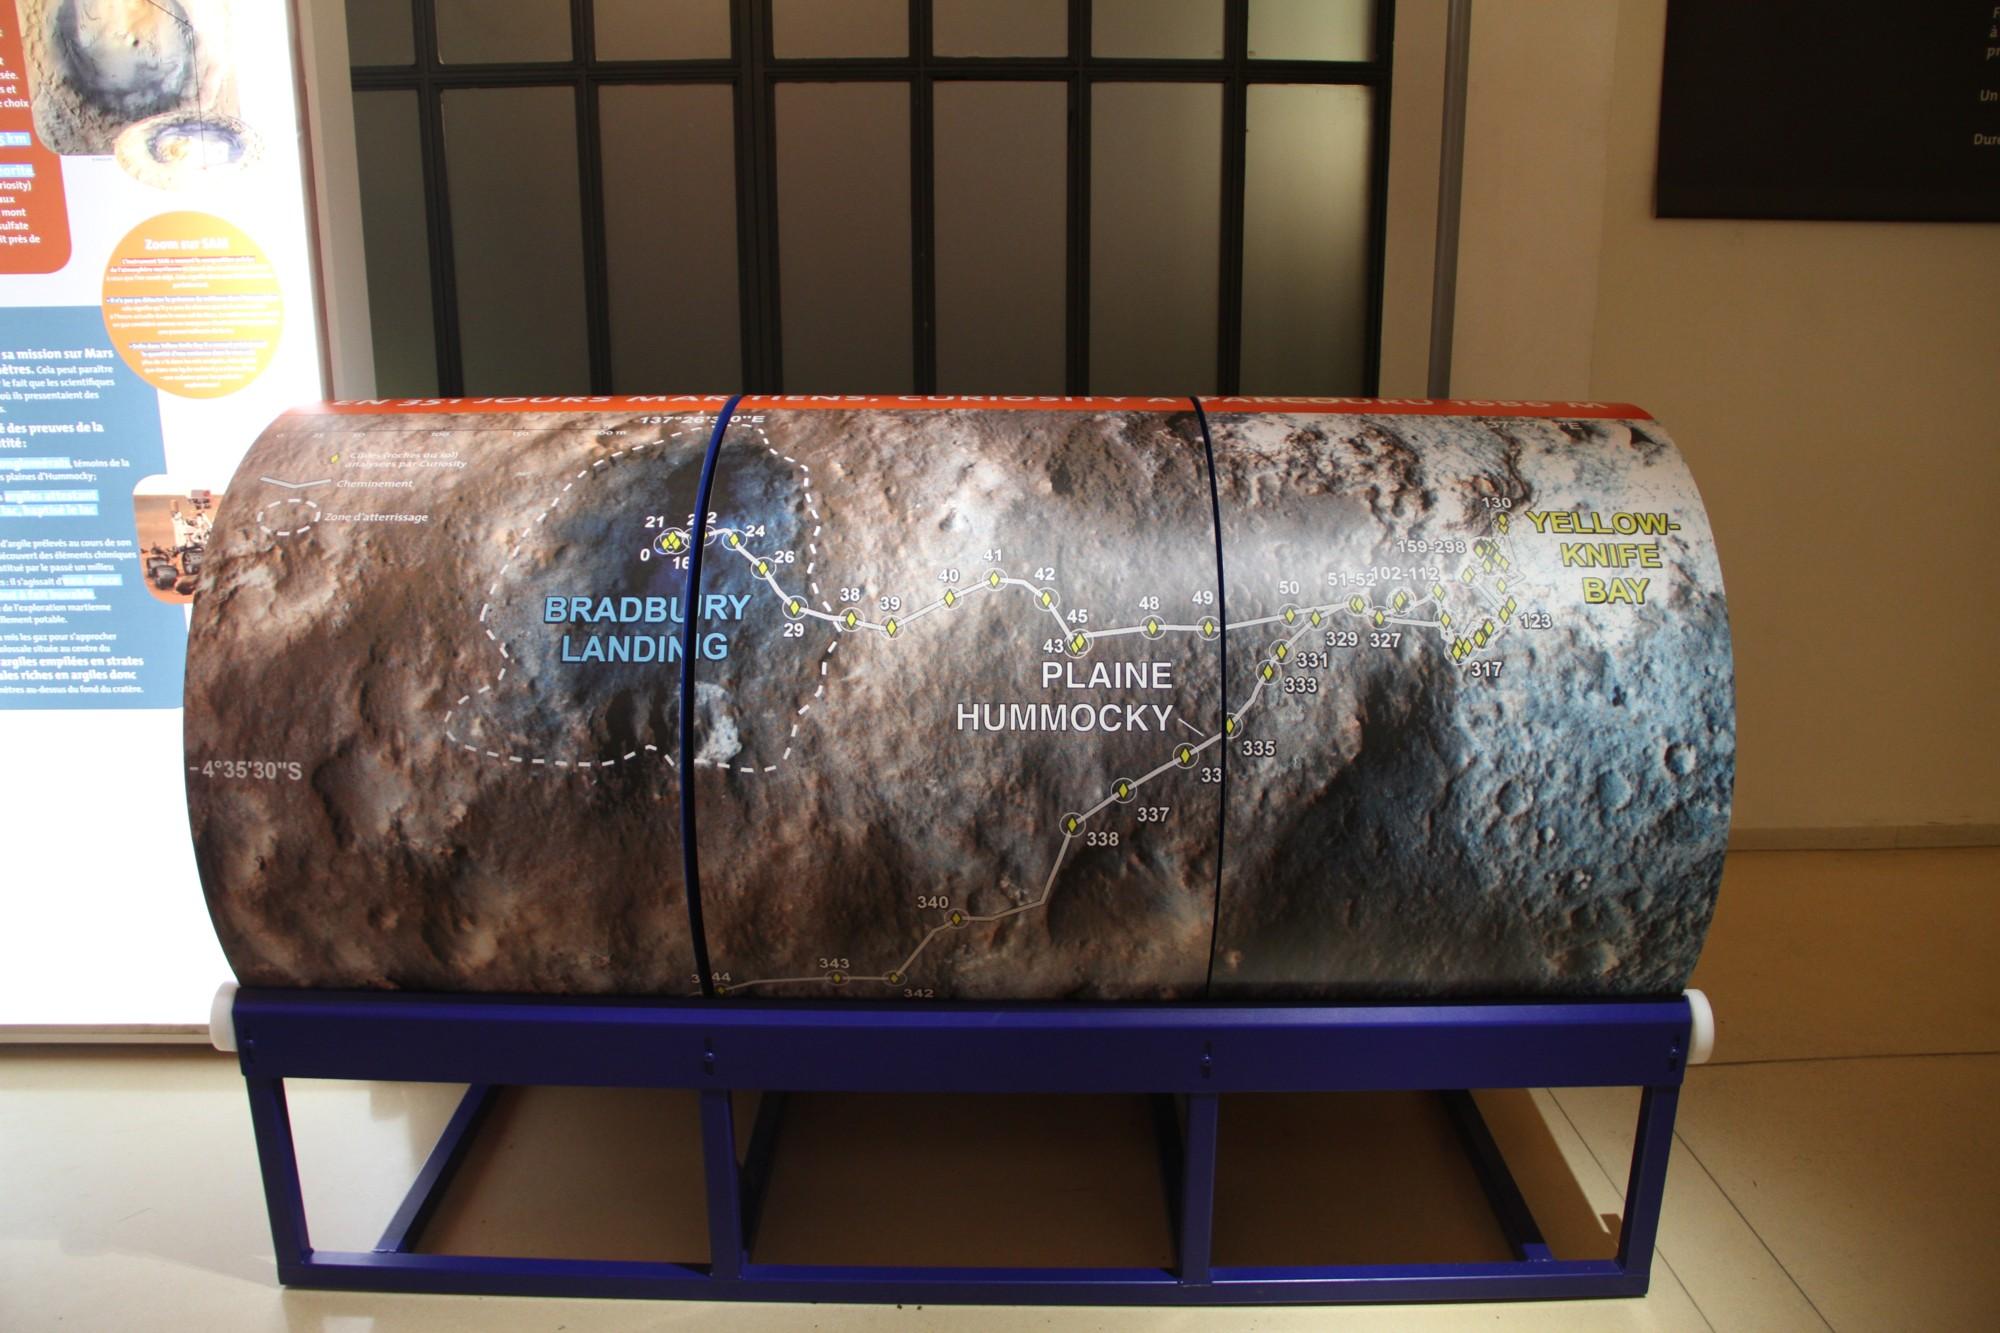 14 12 18 - 17h 38m 35s - expo l'eau sur mars pavillon de l'eau r